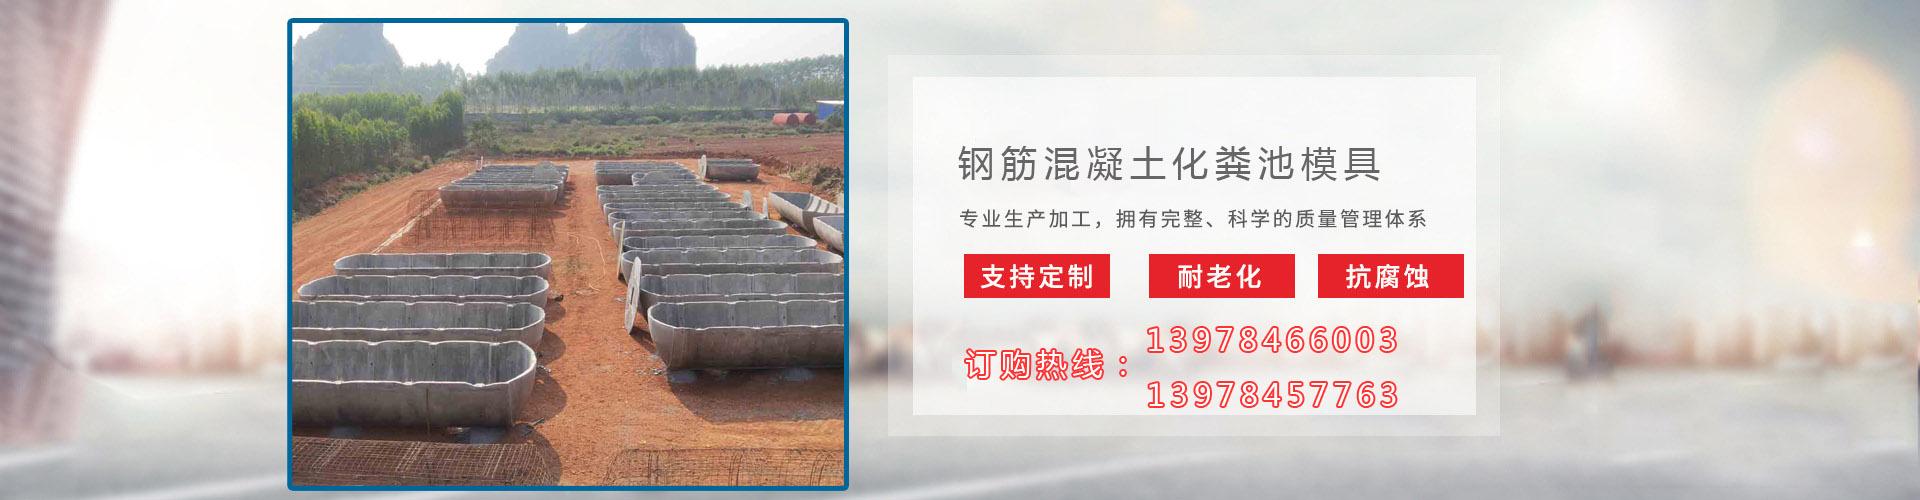 米乐体育注册-m6米乐娱乐(WELCOME)